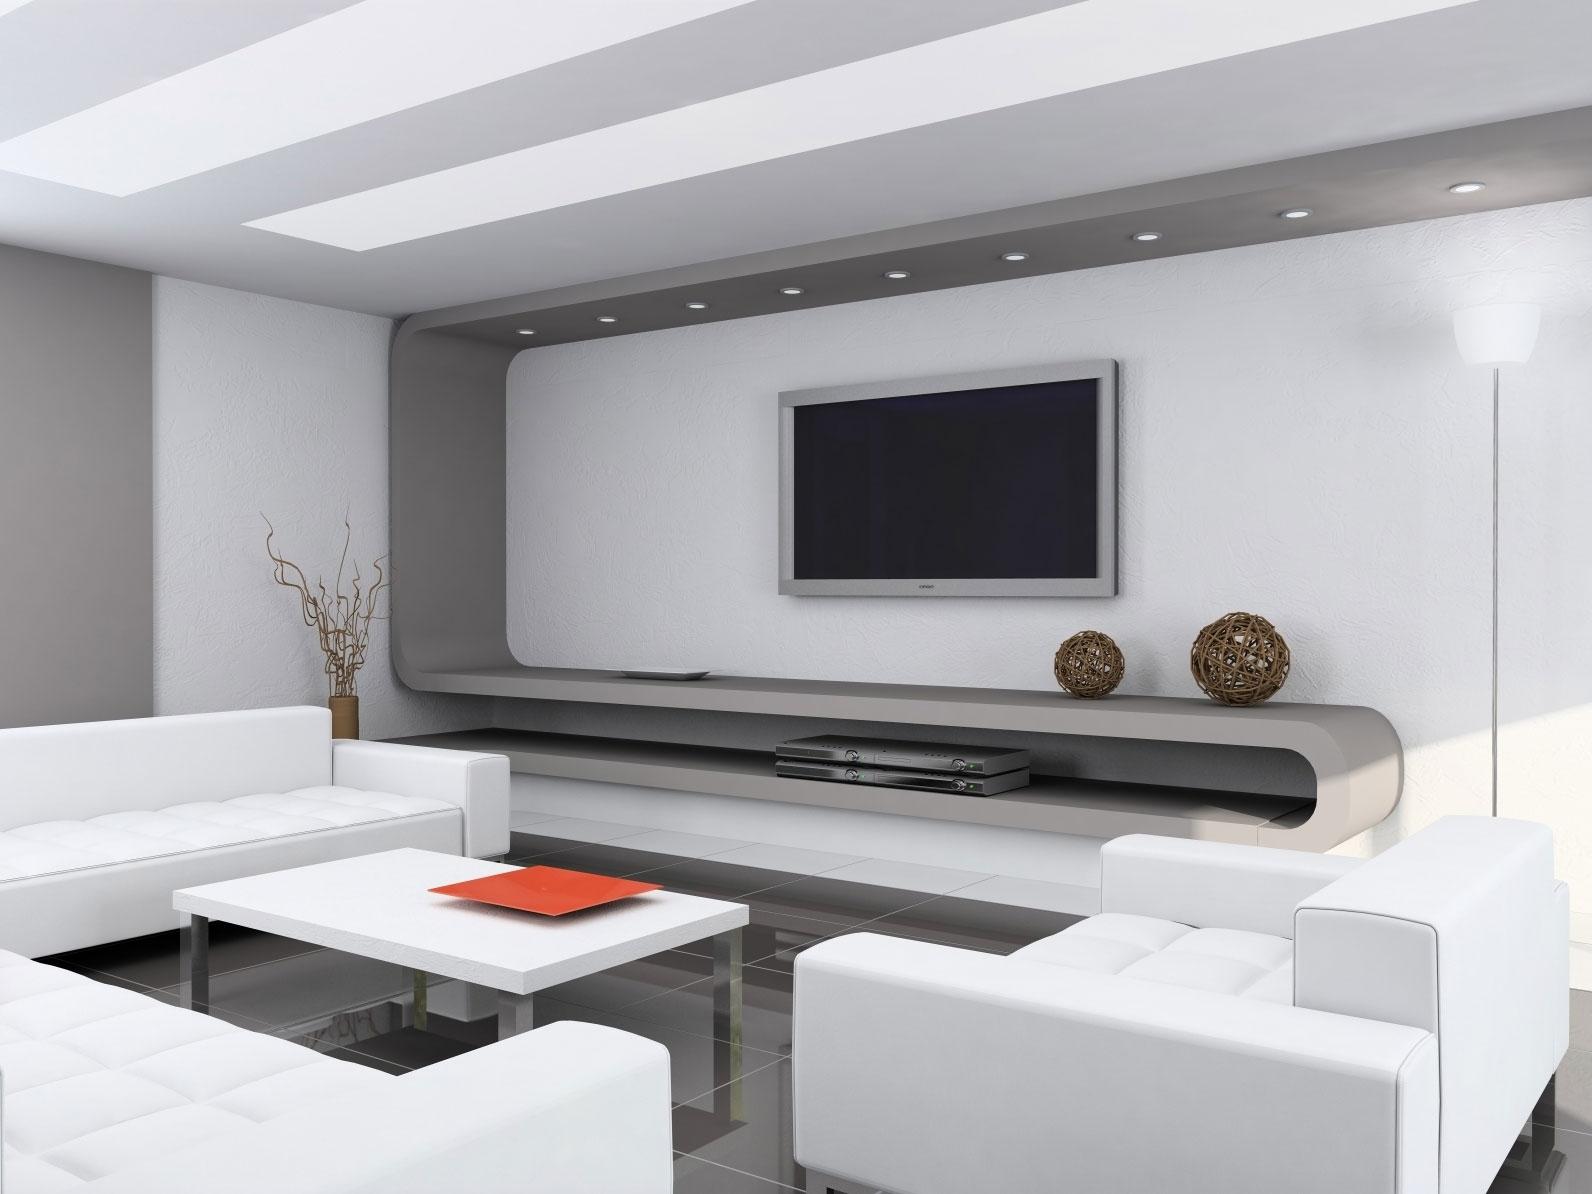 http://1.bp.blogspot.com/_bBHfO6dkz9M/TCOEh-PoeEI/AAAAAAAAANo/yOHPhASEweE/s1600/Screensaver-of-Interior-Design-Ideas1.jpg